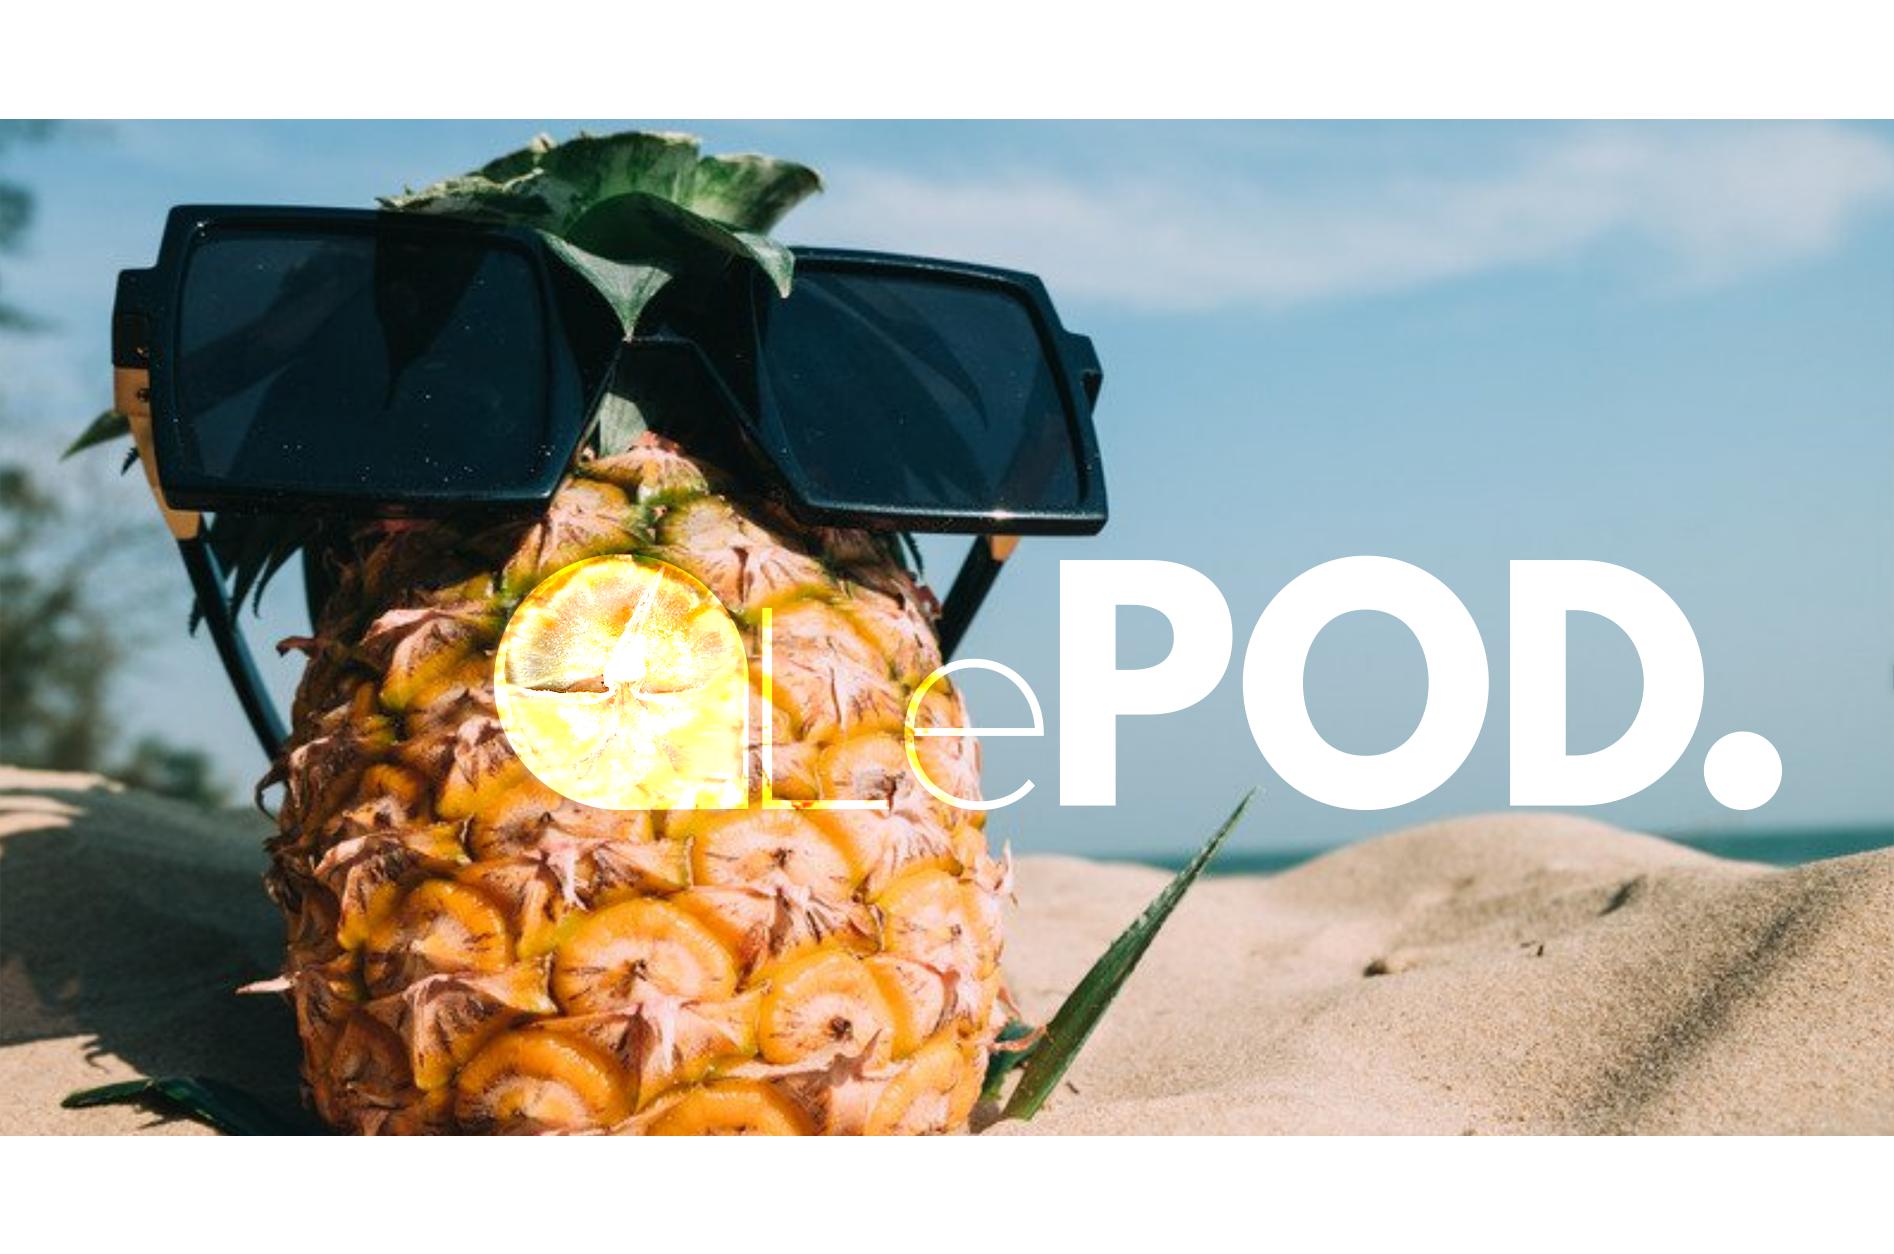 Le POD. #001 sort avant l'été 2019